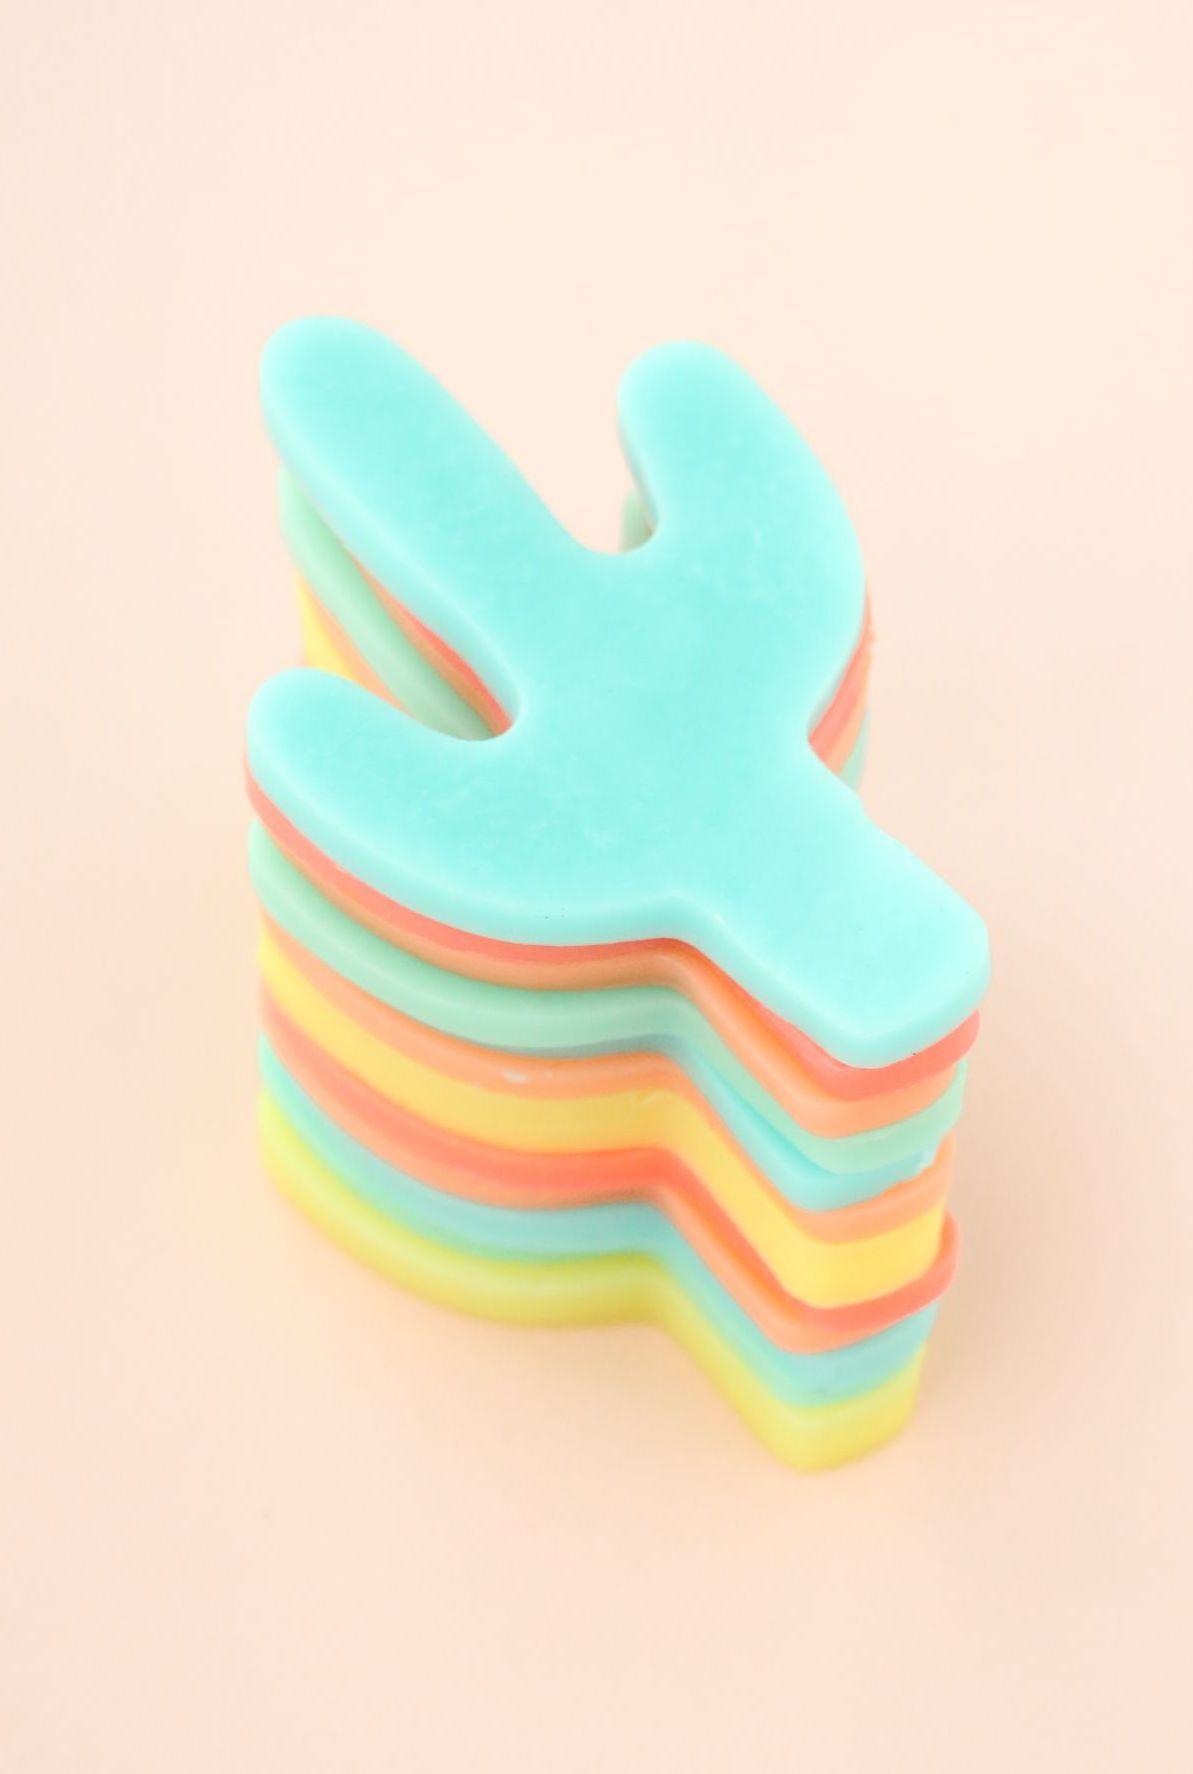 Não é muito fofo esses sabonetinhos em formato de cacto? E tem de todas as cores